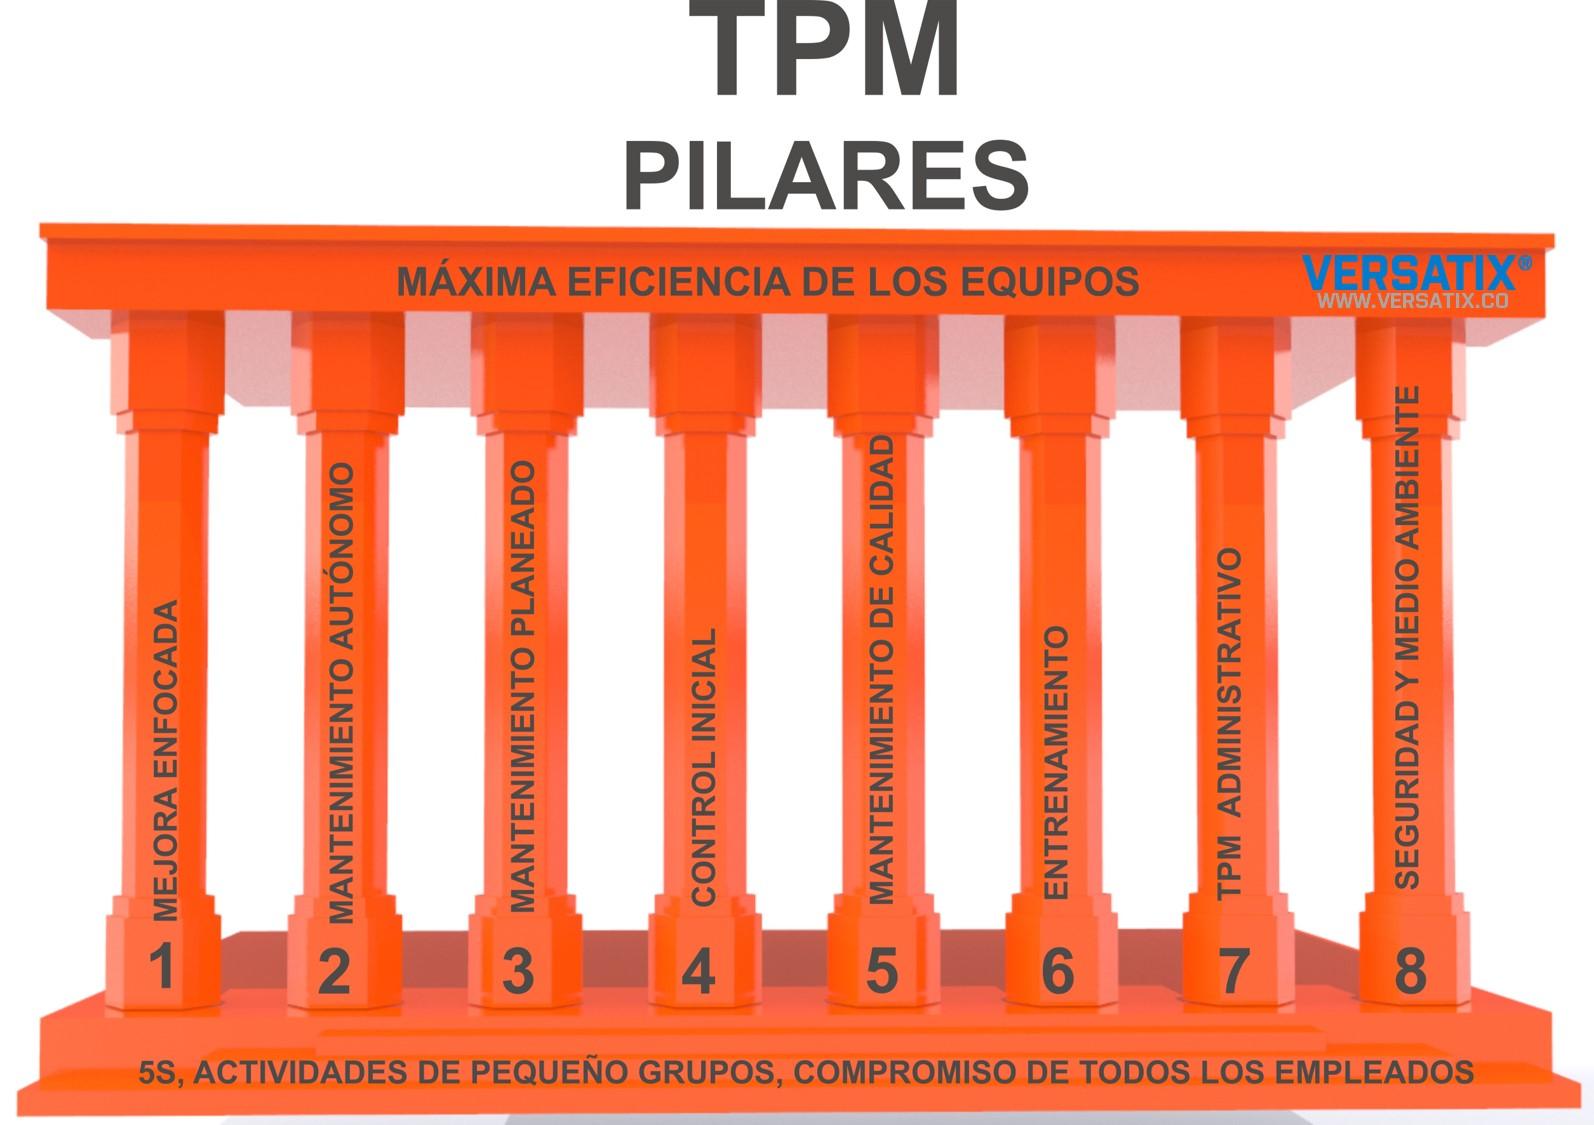 PILARES DE TPM